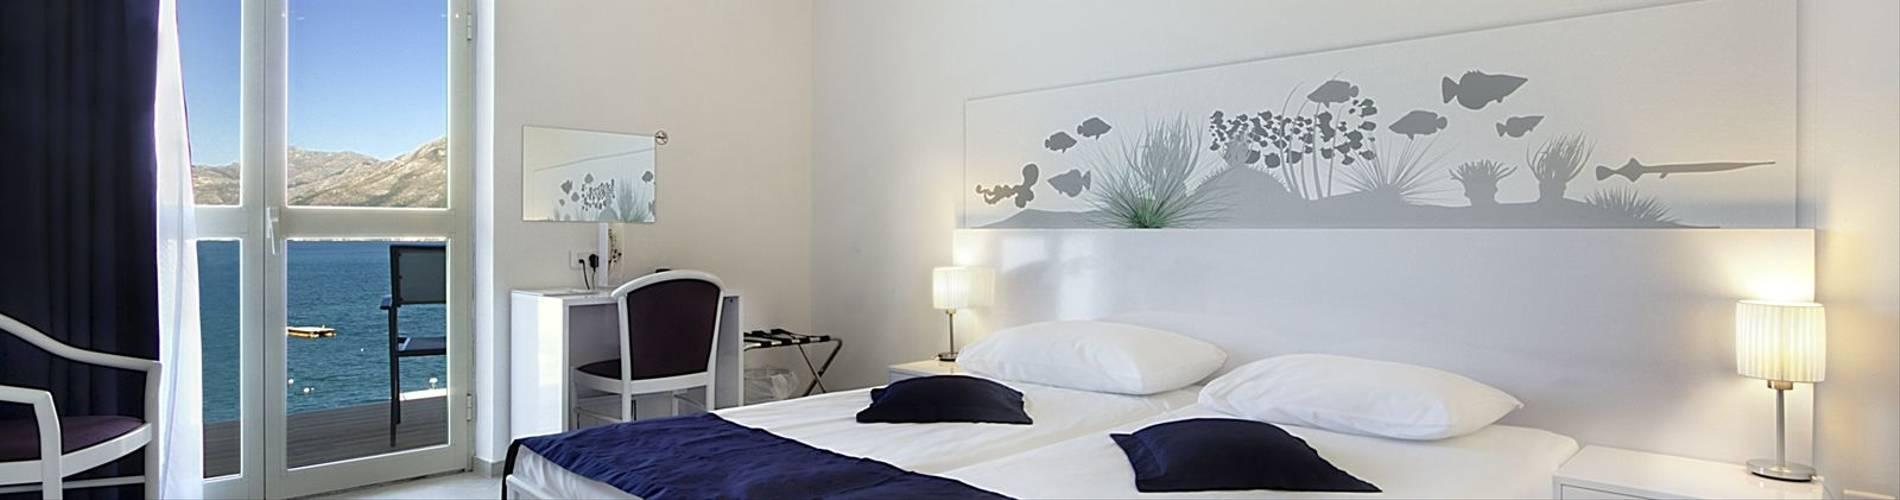 hotel_cavtat_06.jpg